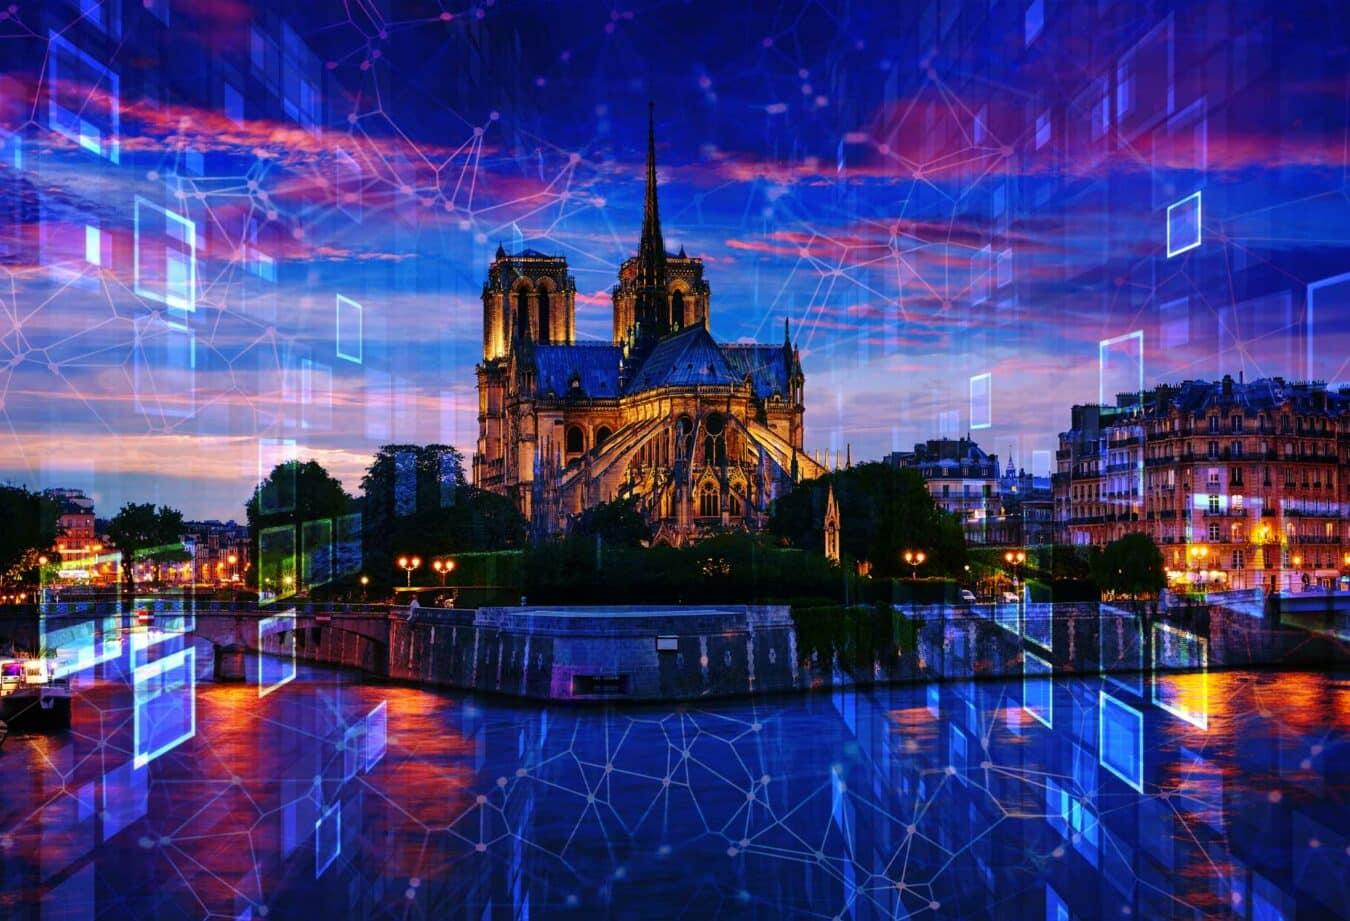 Photo of Incendie à Notre-Dame de Paris, la question de la sauvegarde numérique